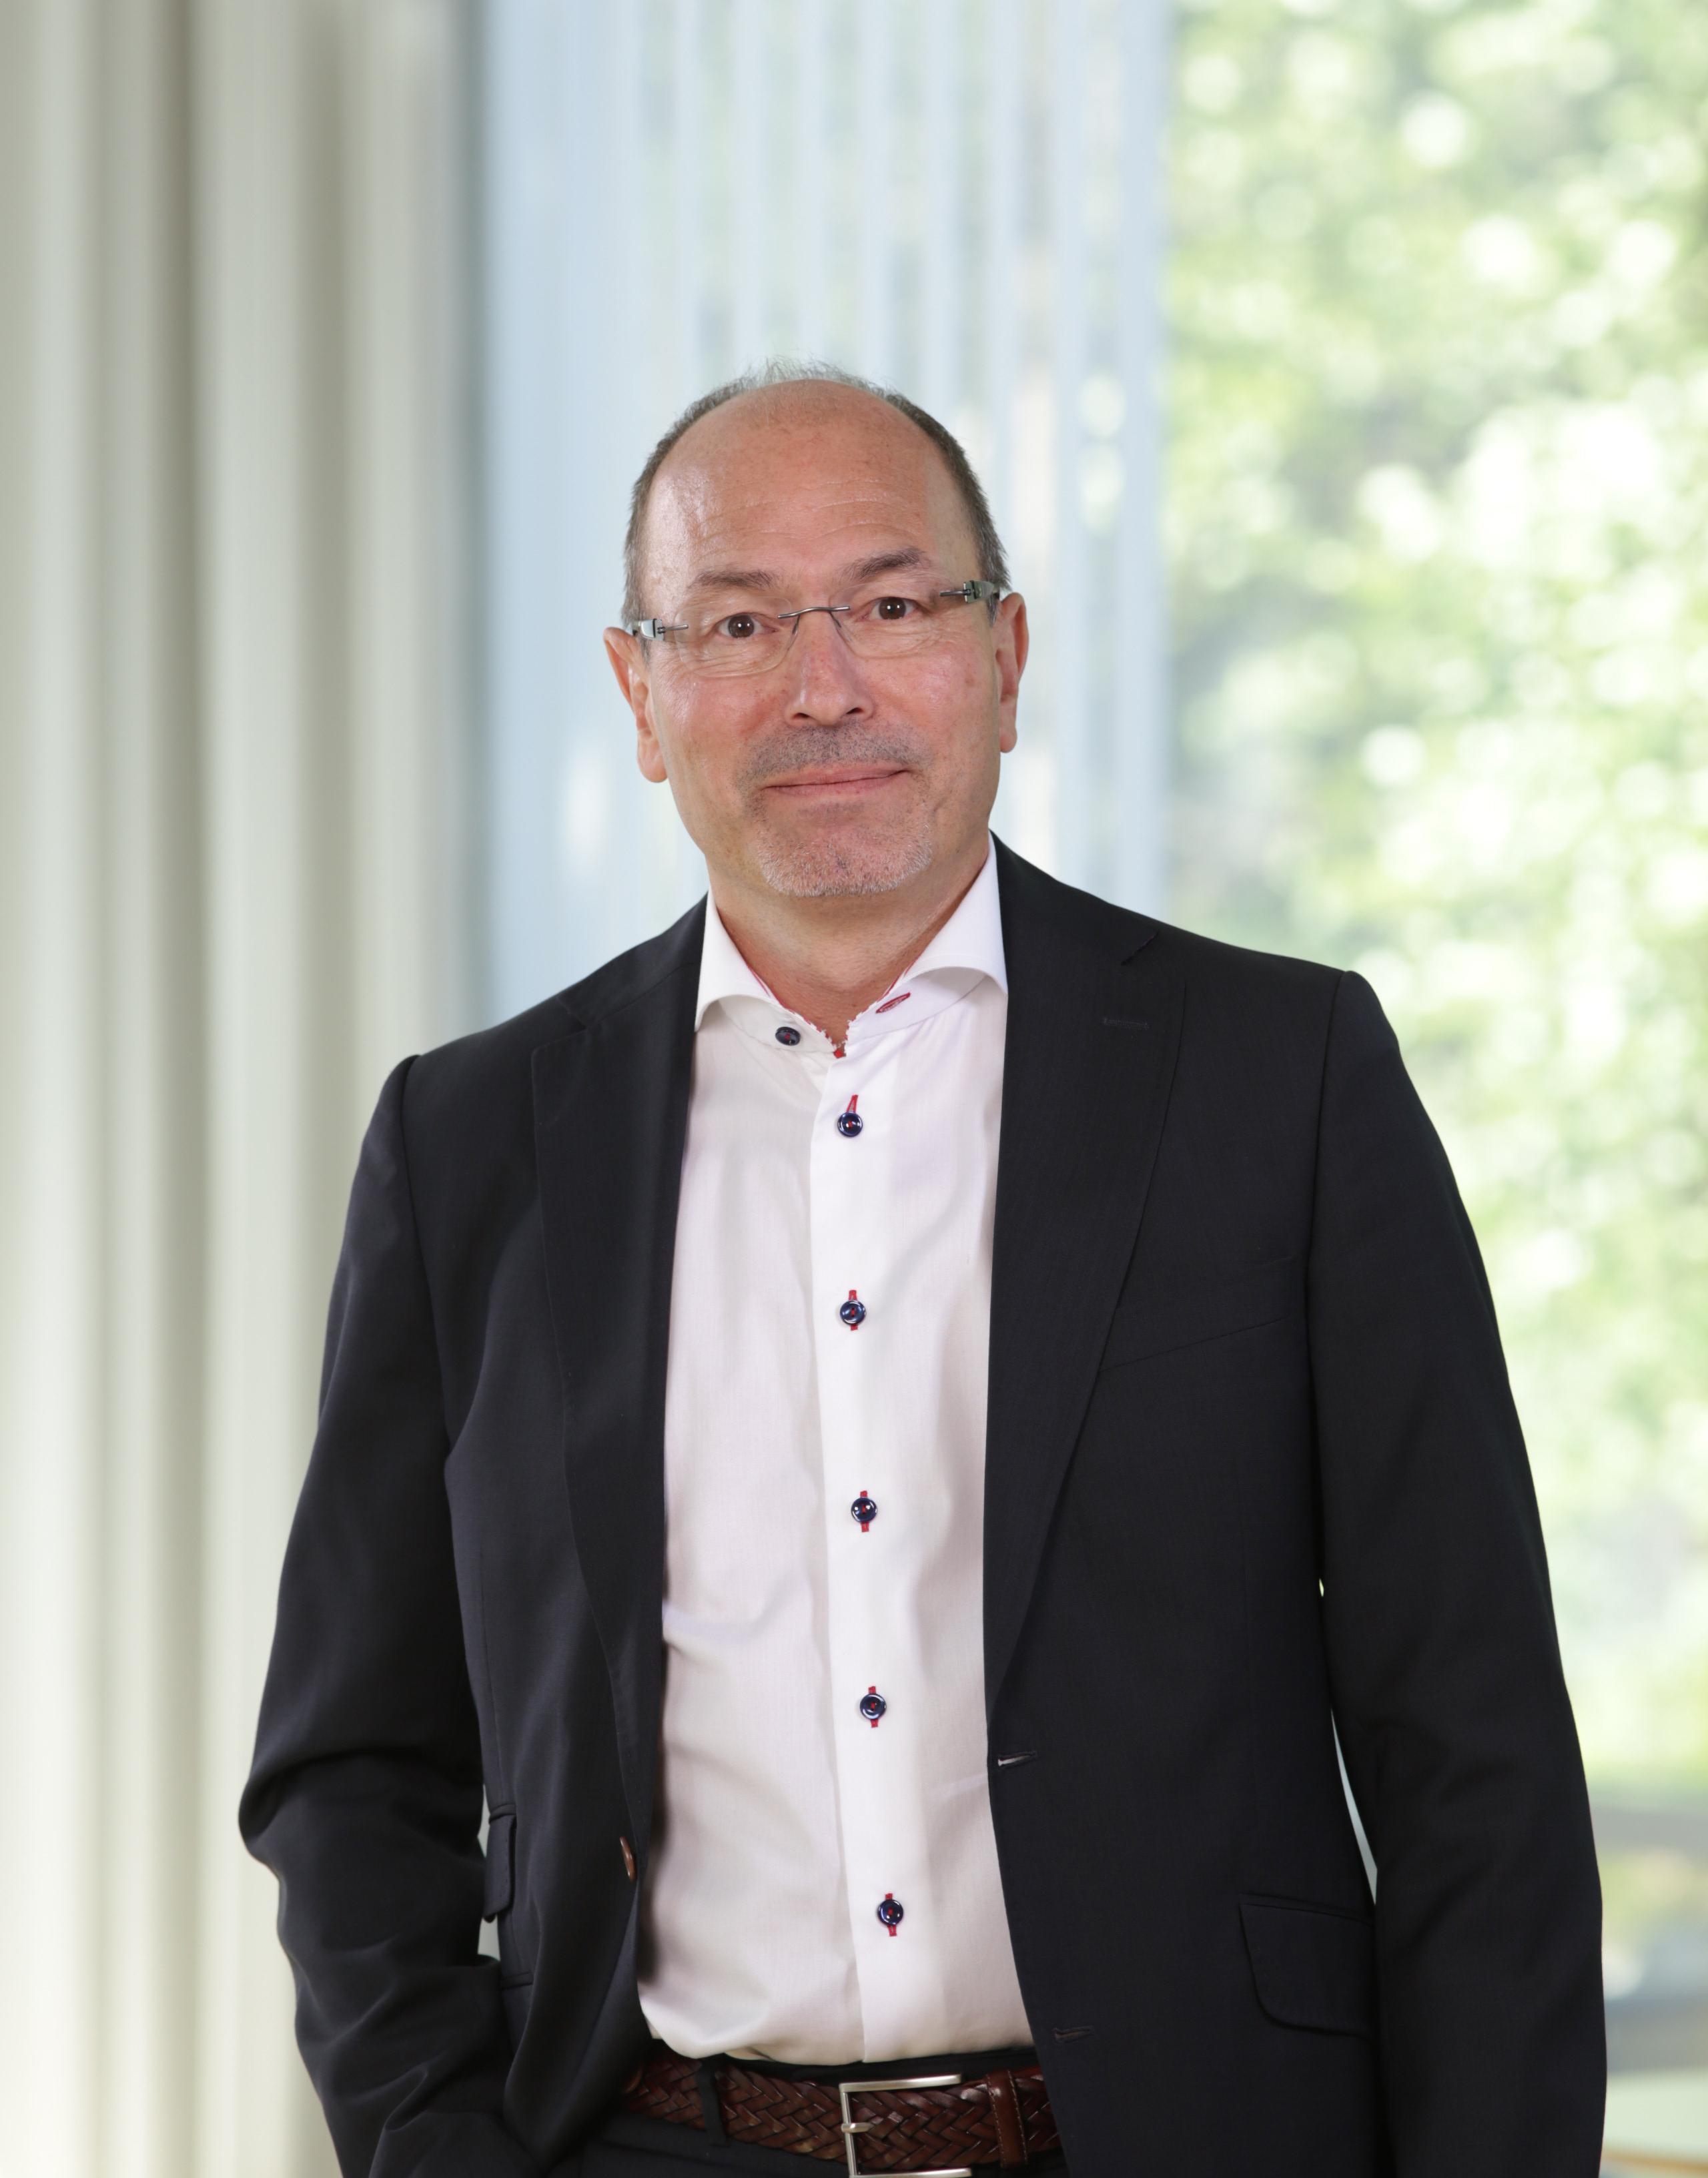 Bo Soderqvist